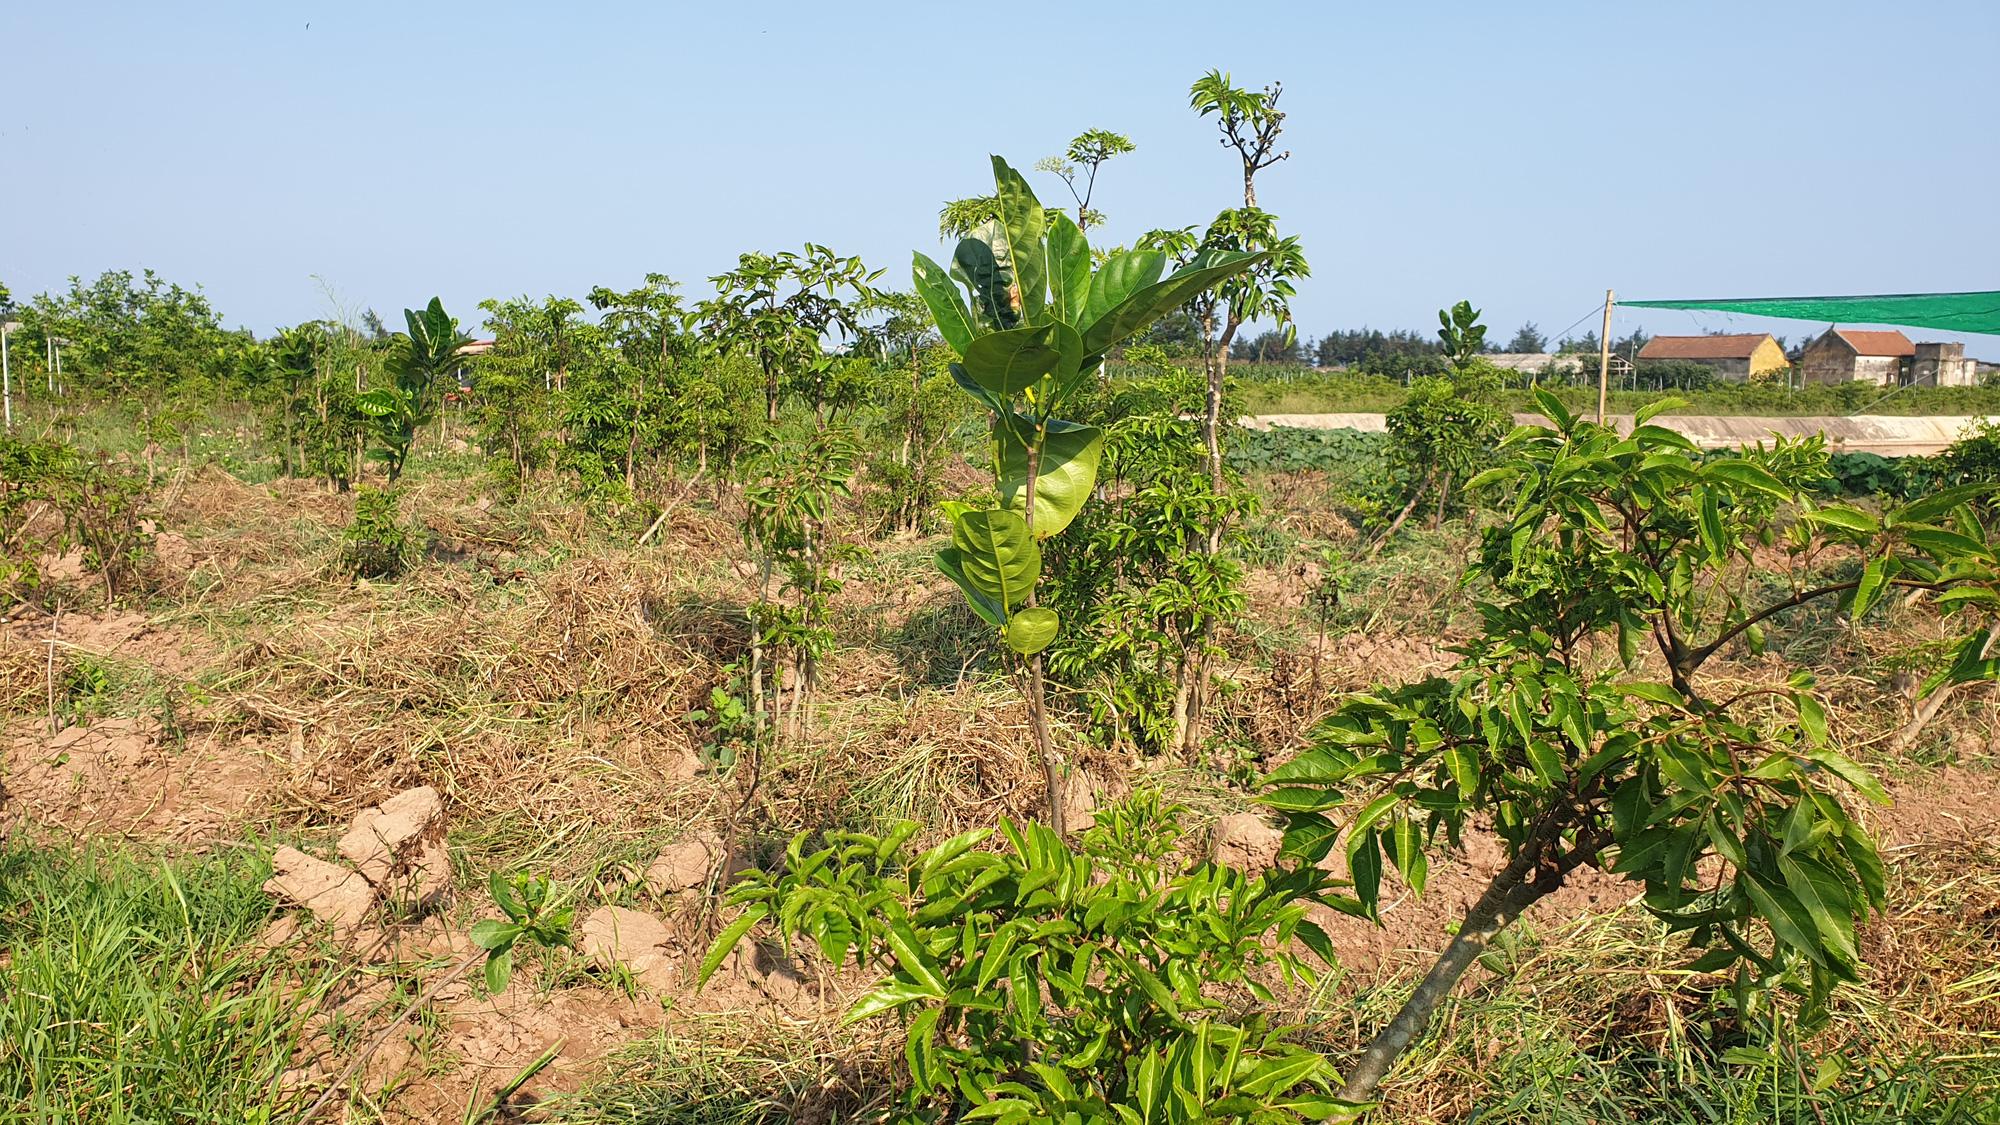 Nam Định: Đinh lăng giá rẻ như cho, bán đi chỉ đủ tiền thuê người làm cỏ - Ảnh 4.